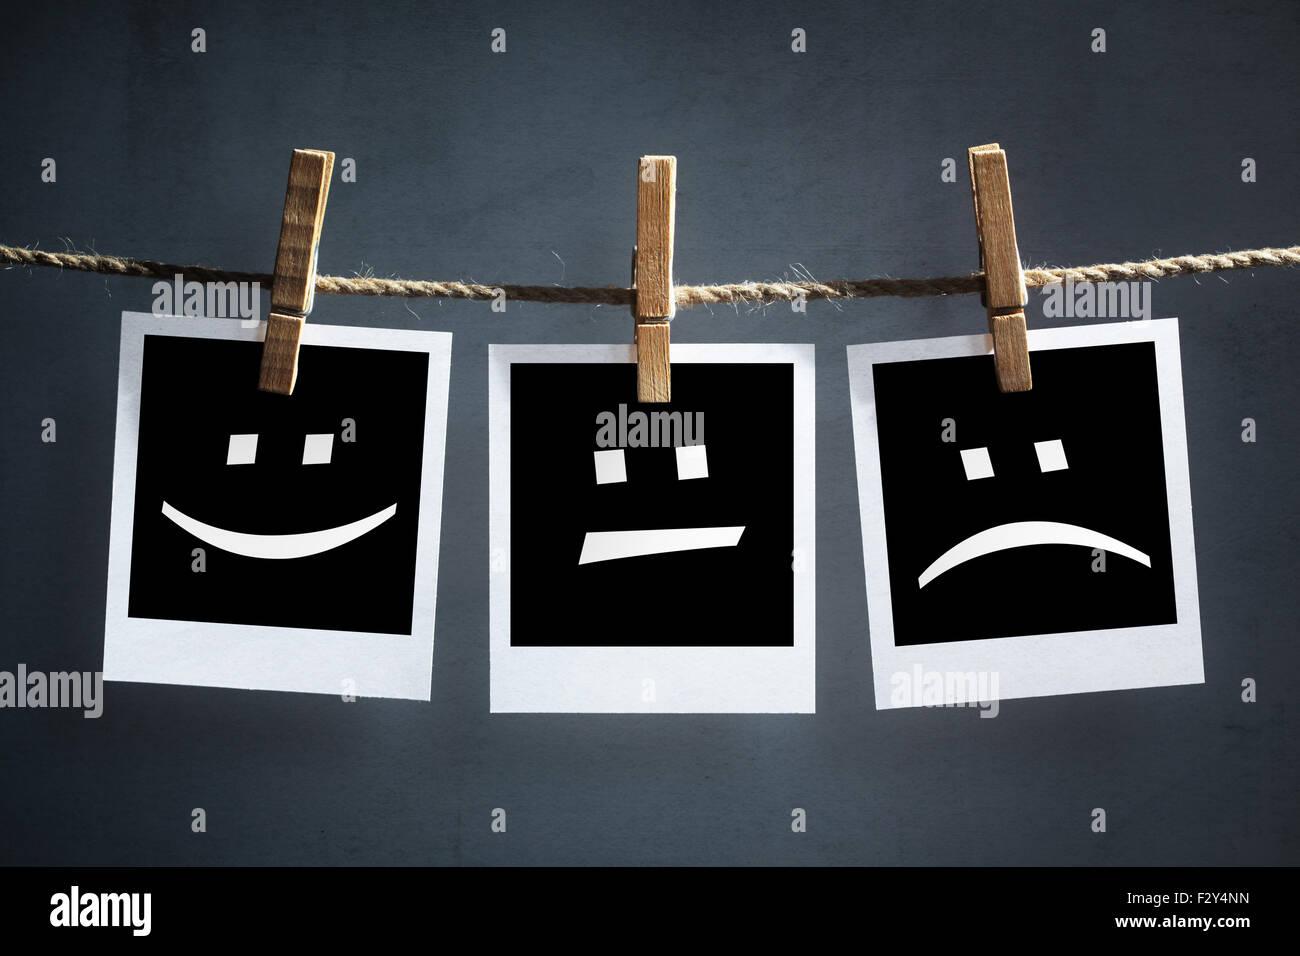 Heureux, Triste et neutre des émoticônes sur instant imprimer des photos Photo Stock